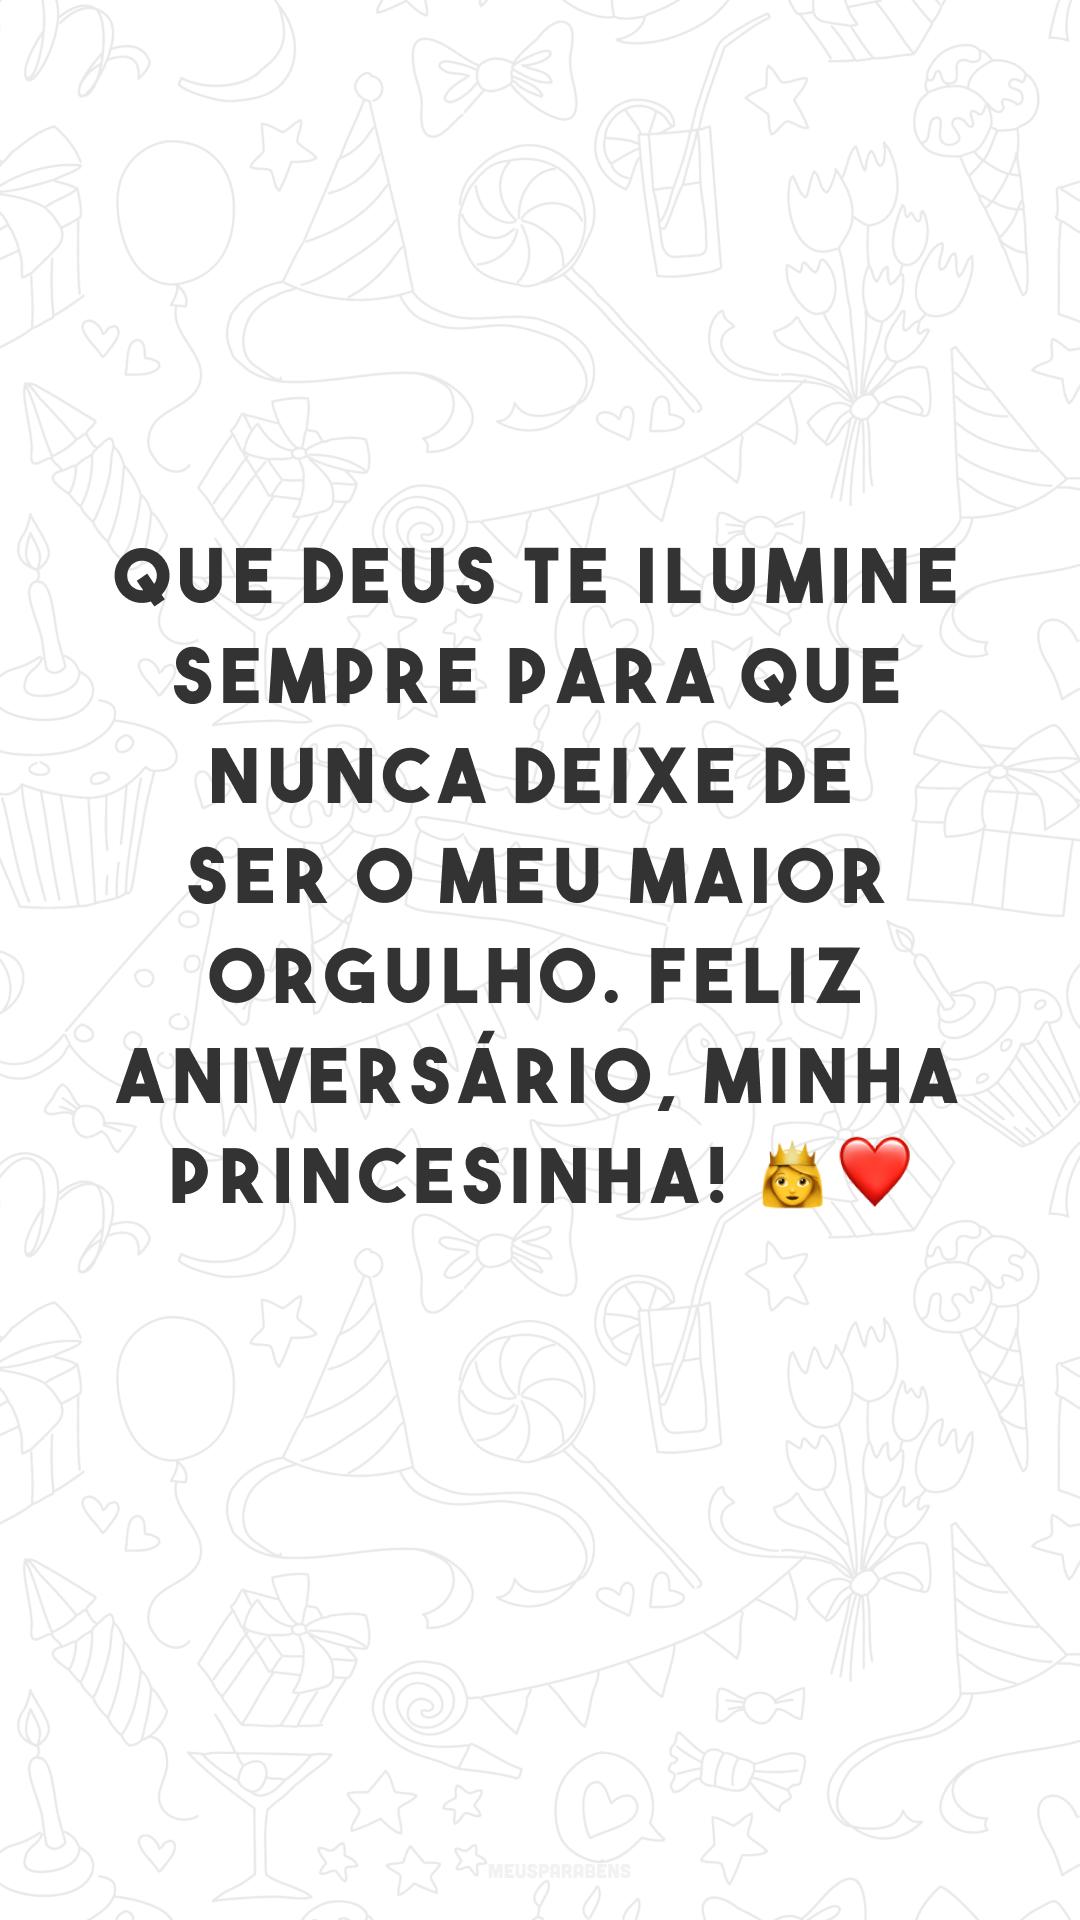 Que Deus te ilumine sempre para que nunca deixe de ser o meu maior orgulho. Feliz aniversário, minha princesinha! ?❤